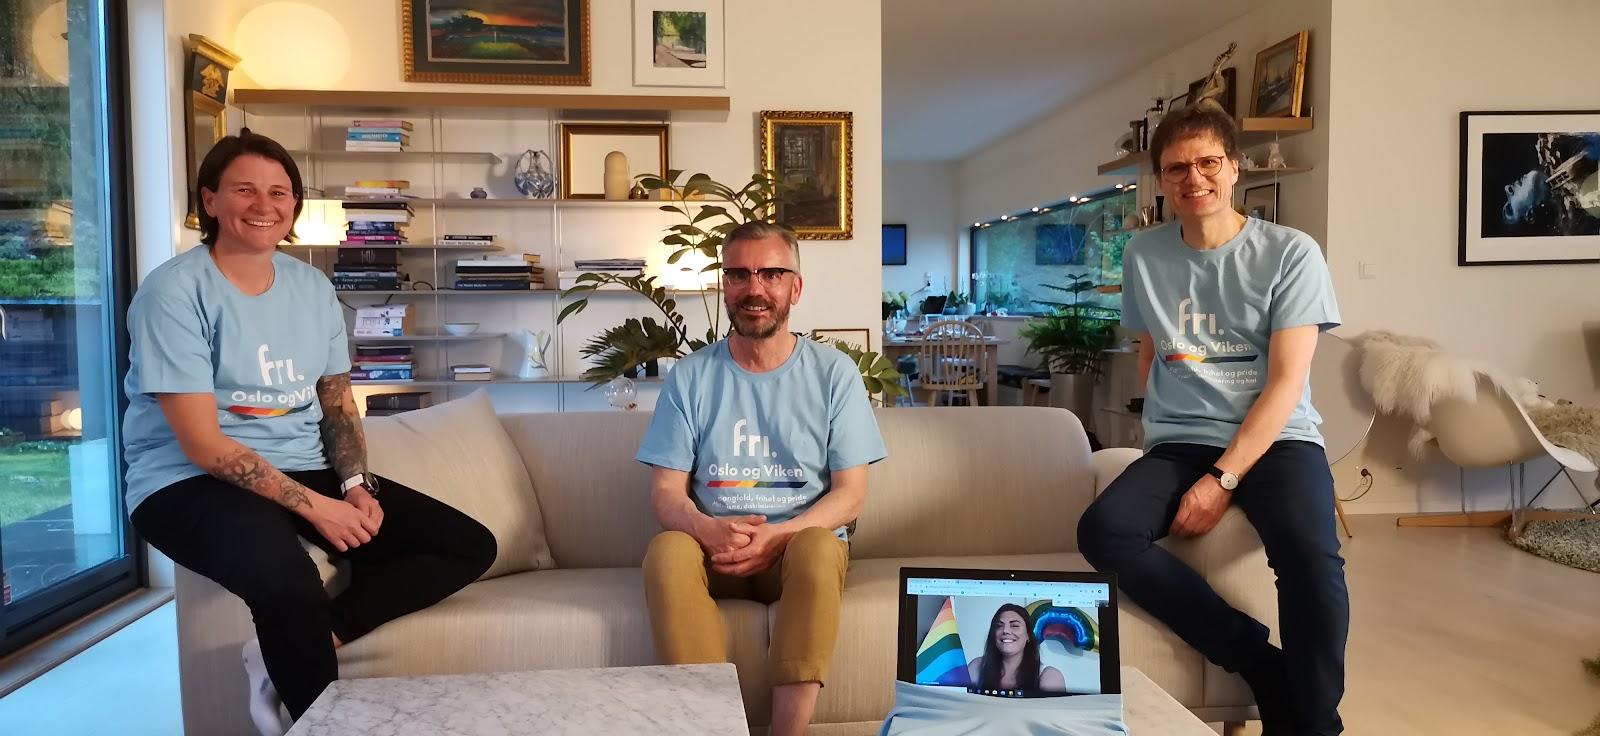 Bilde: Drammen Pride-komiteen 2020, fra venstre: Marianne Holmquist. Øyvind Lundberg Nilsen, Zaira Lo Monaco (på skjerm) og Egil J. Bye. Foto: Petter Ruud-Johansen, Drammen Pride/FRI Oslo og Viken.